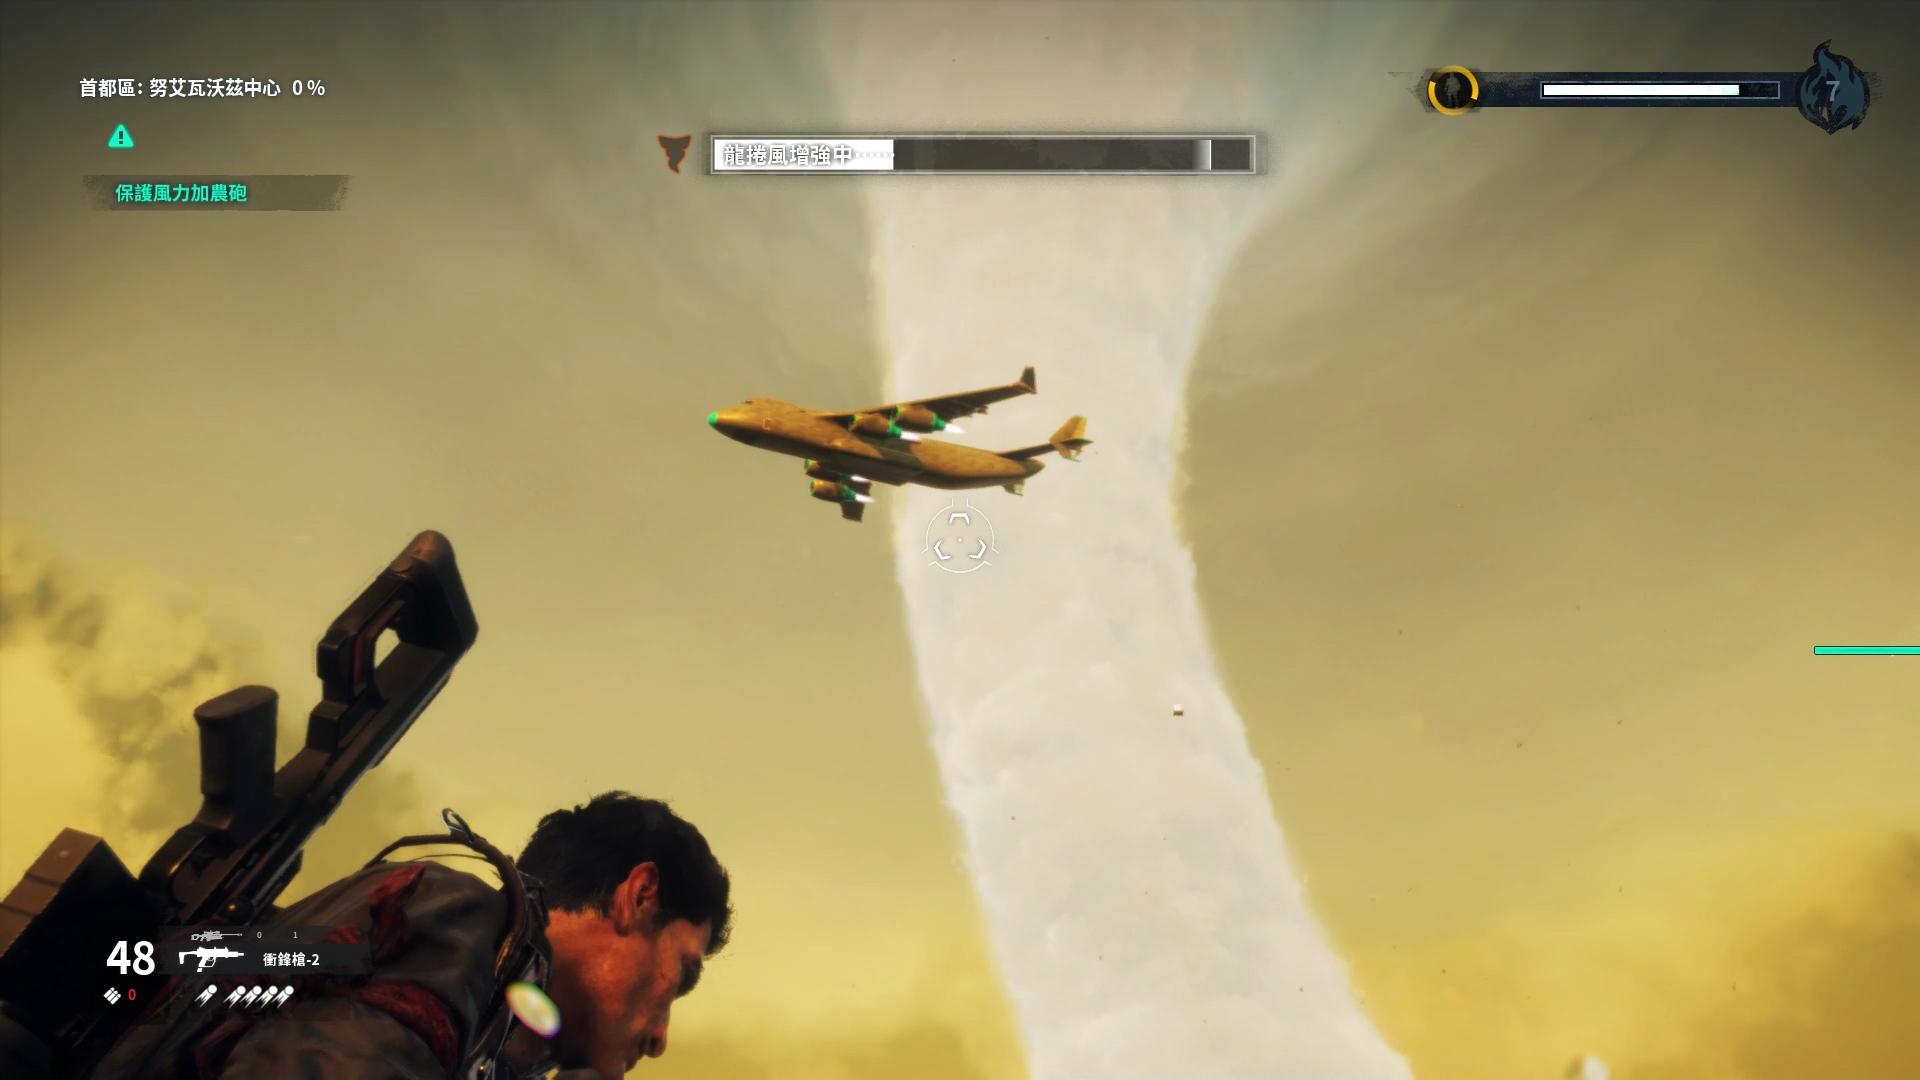 正当防卫4:龙卷风袭击市区,空投飞机直接被卷进去,凌空爆炸!